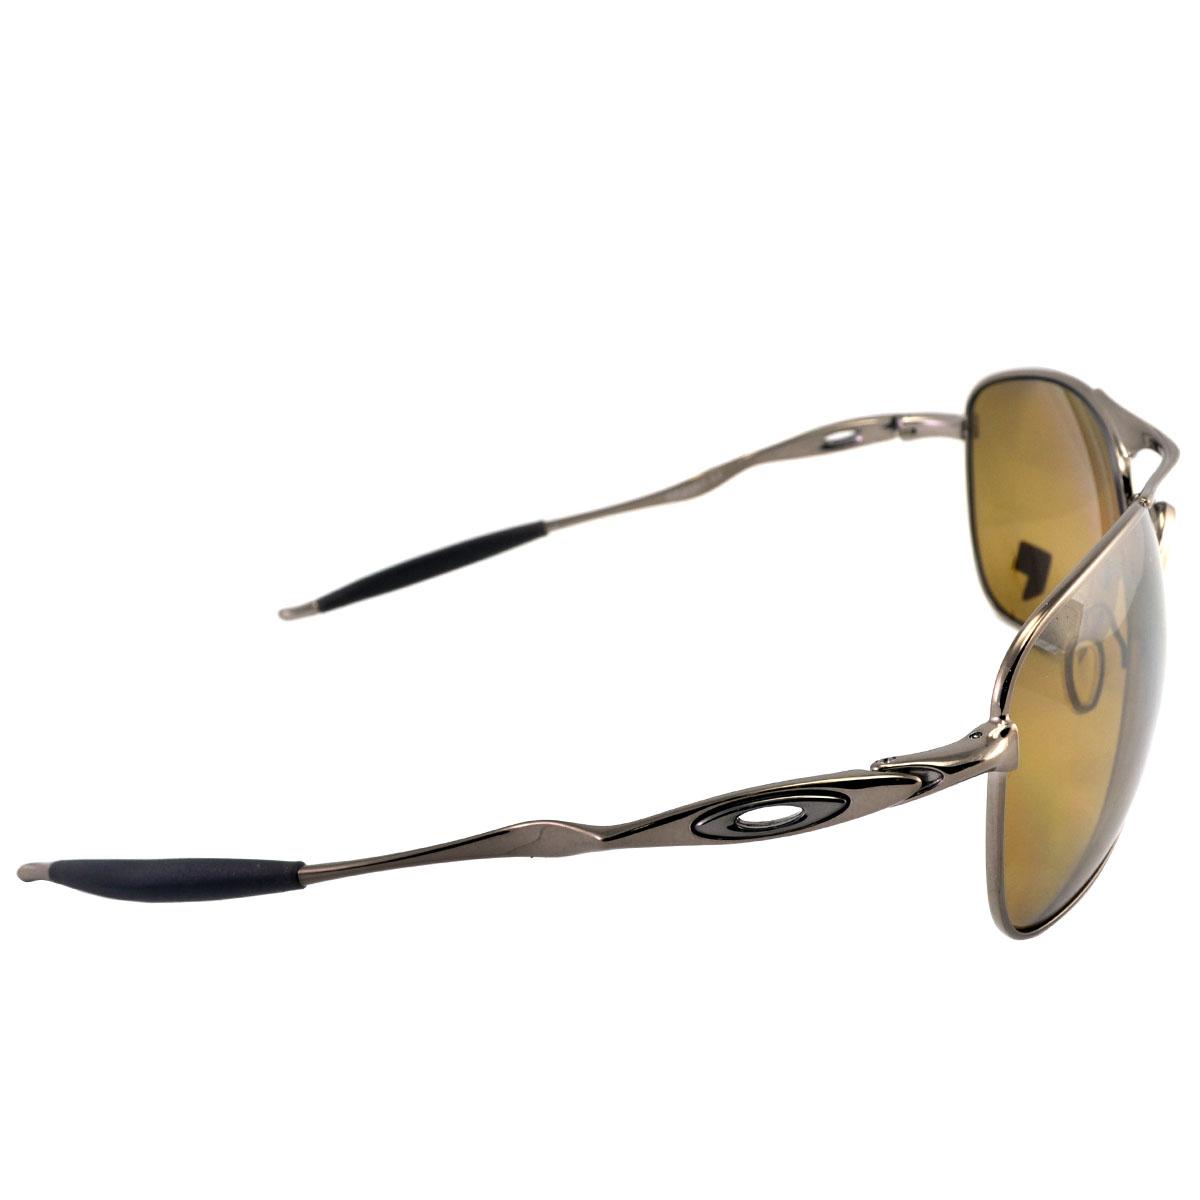 Oculos Oakley Crosshair Brown Chrome W Bronze Polarizado ref OO4060-04 603c2dd986